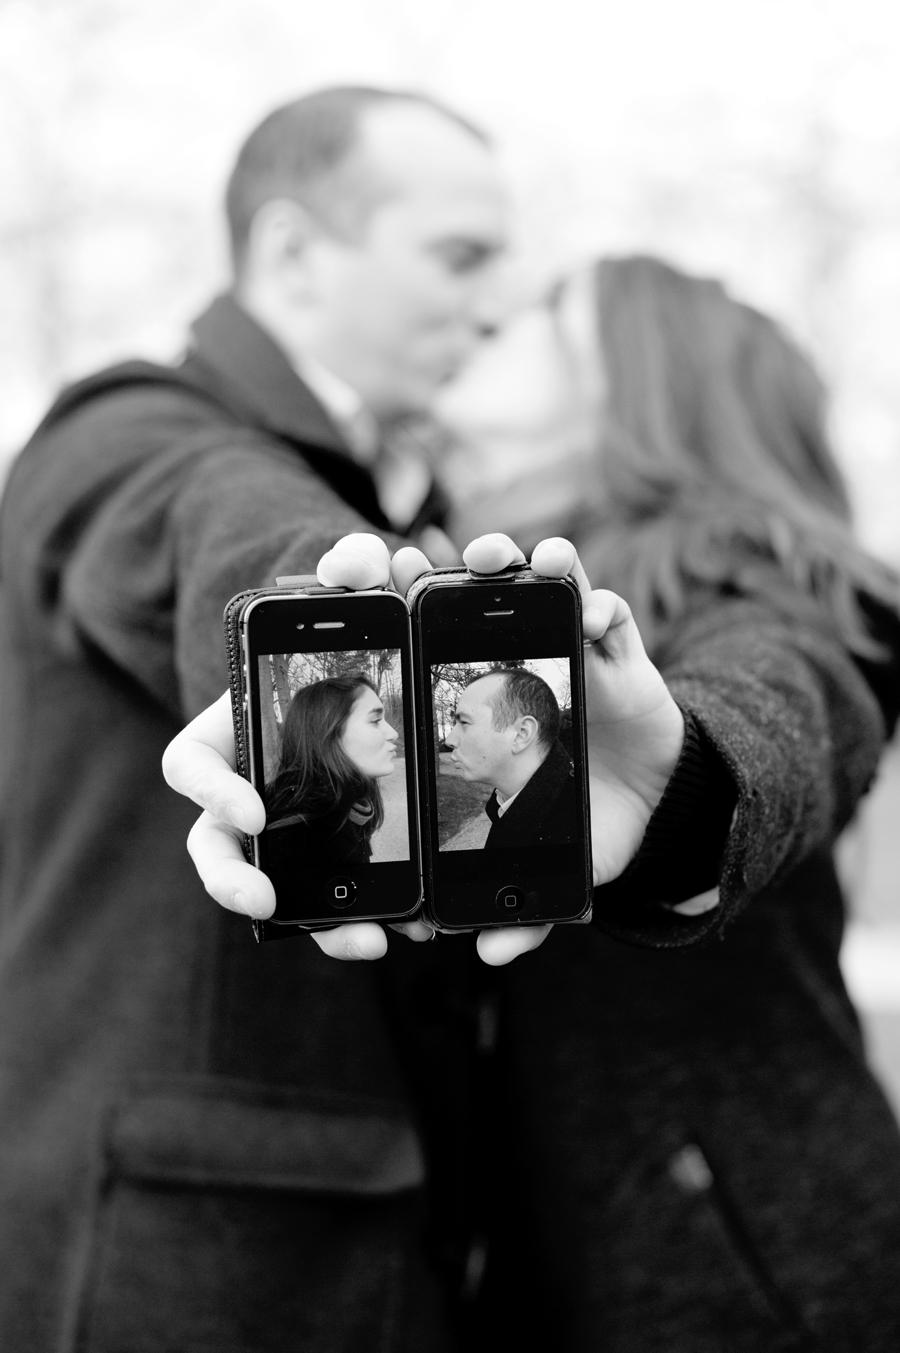 couple s'embrasse et brandit leurs portraits sur téléphone portable au premier plan